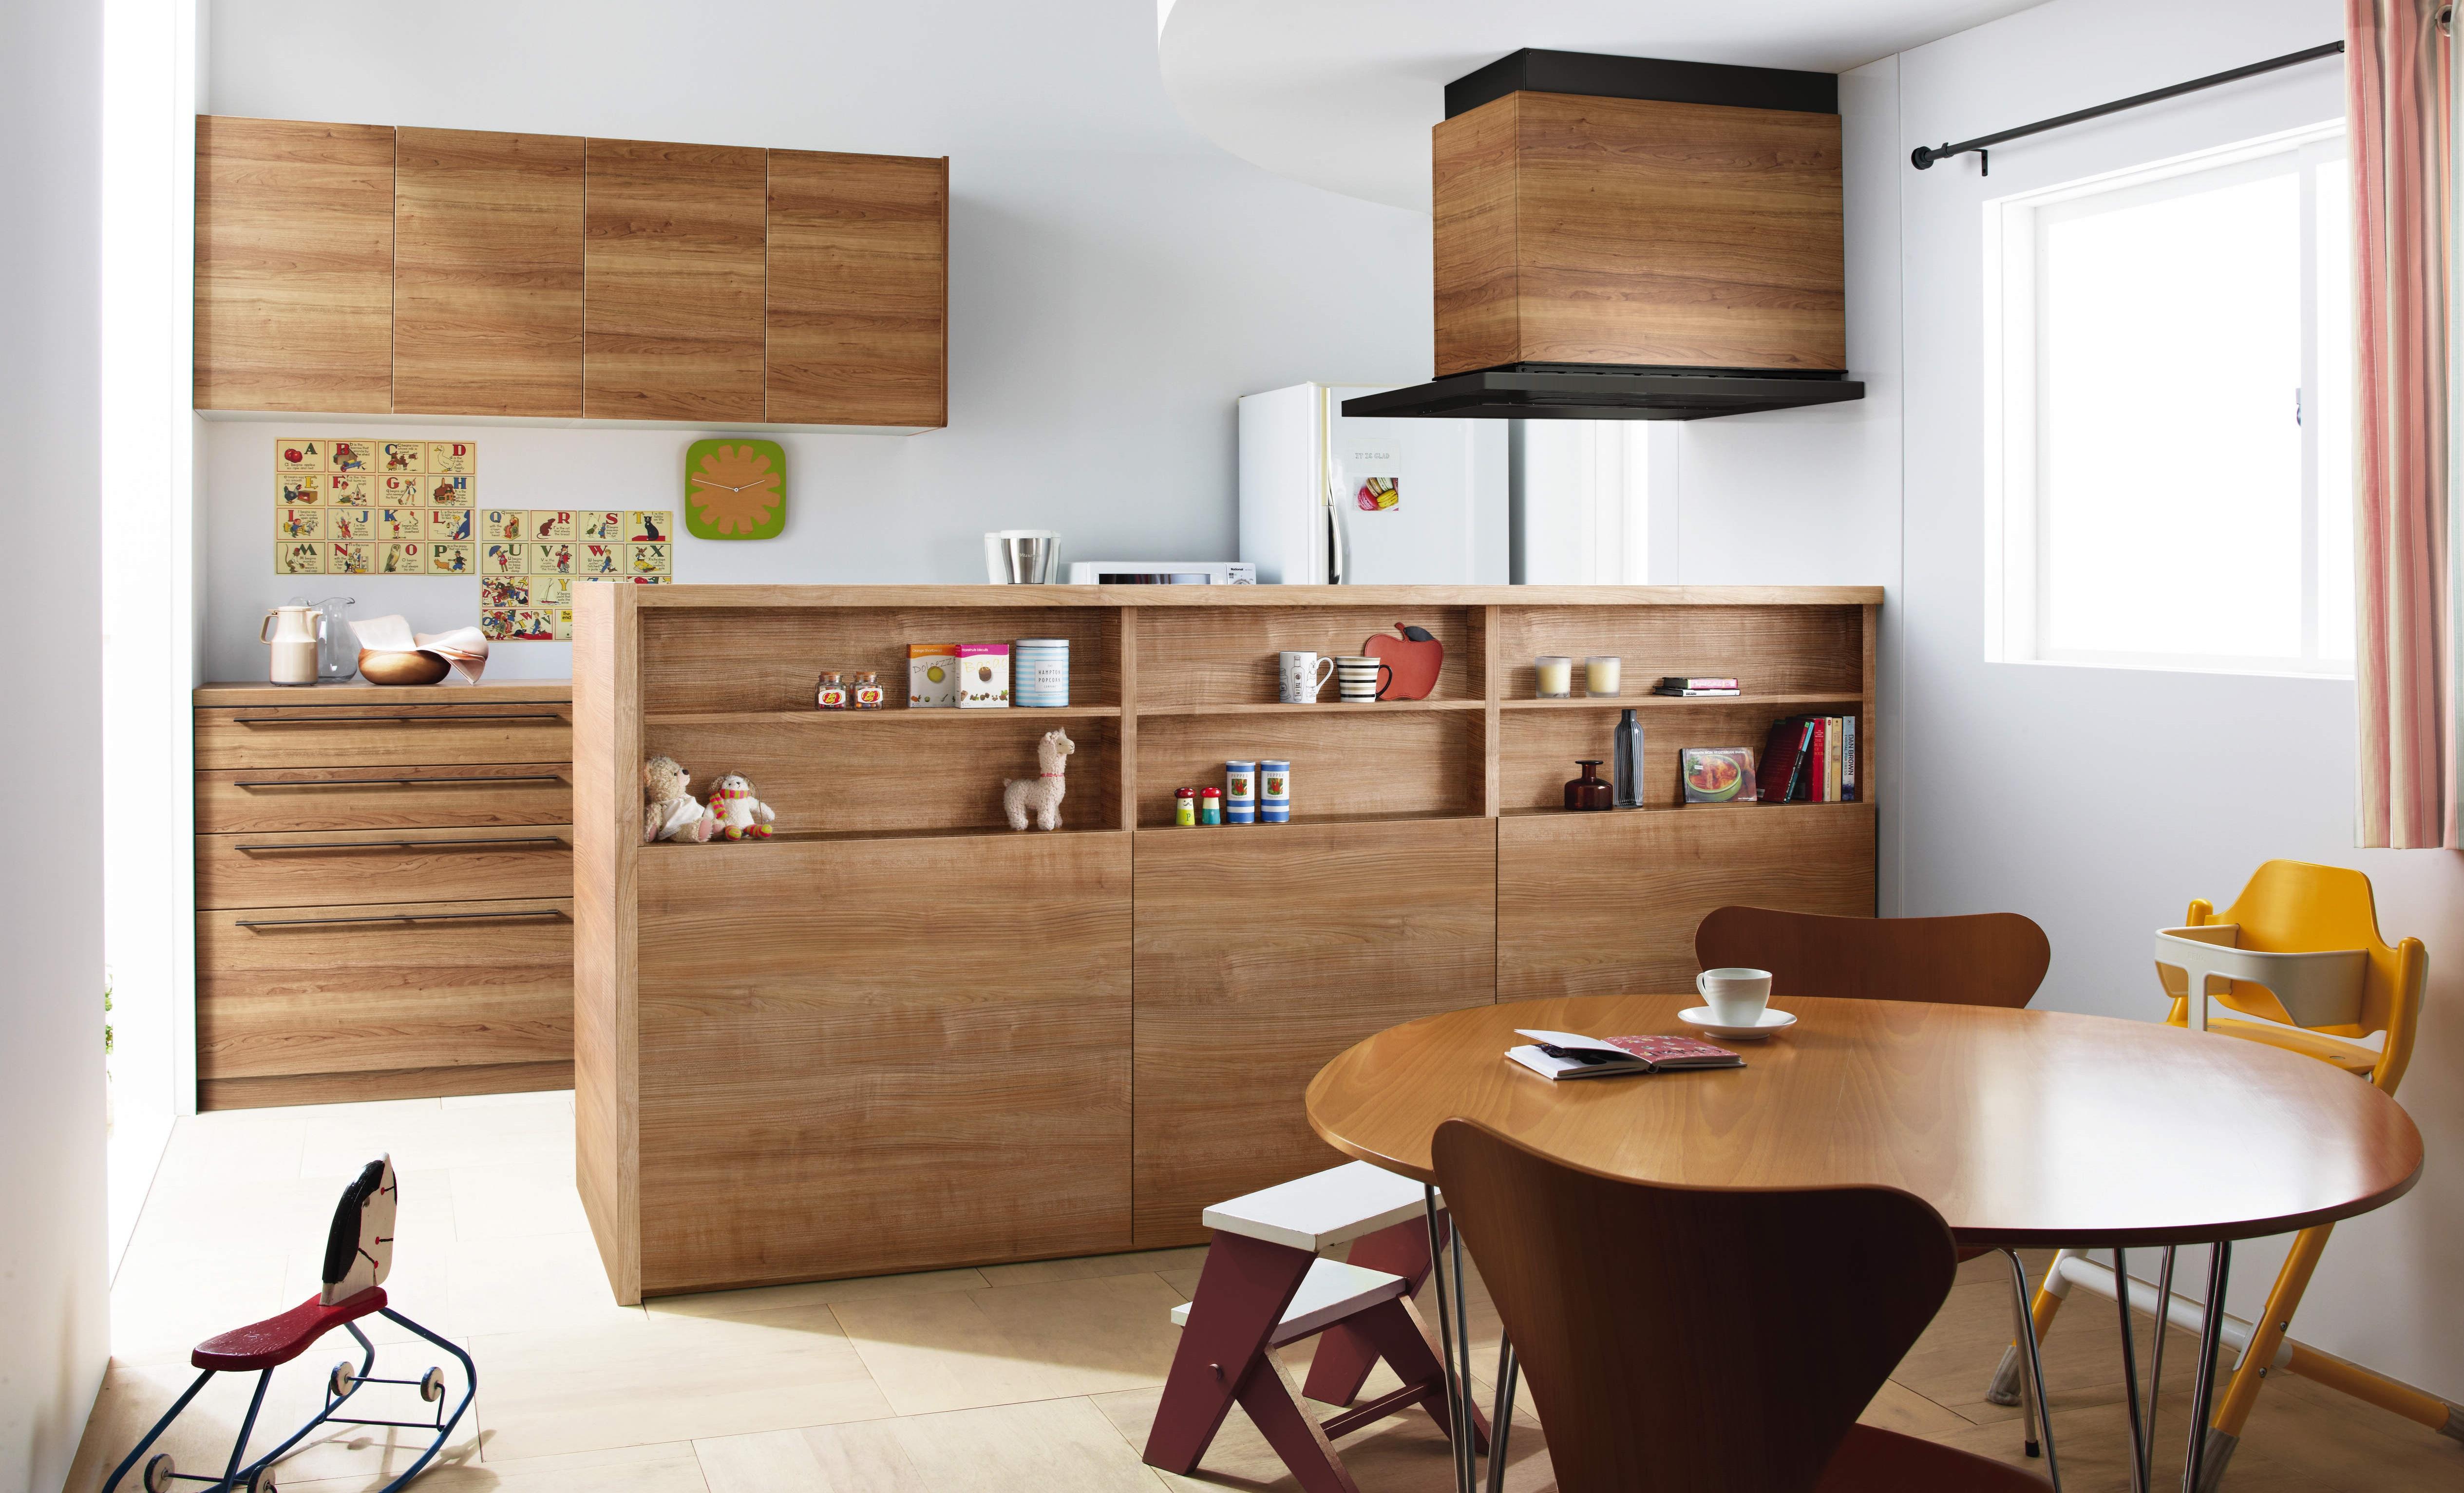 飾り棚のようなカウンターが魅力の木目コーディネートキッチン サムネイル画像